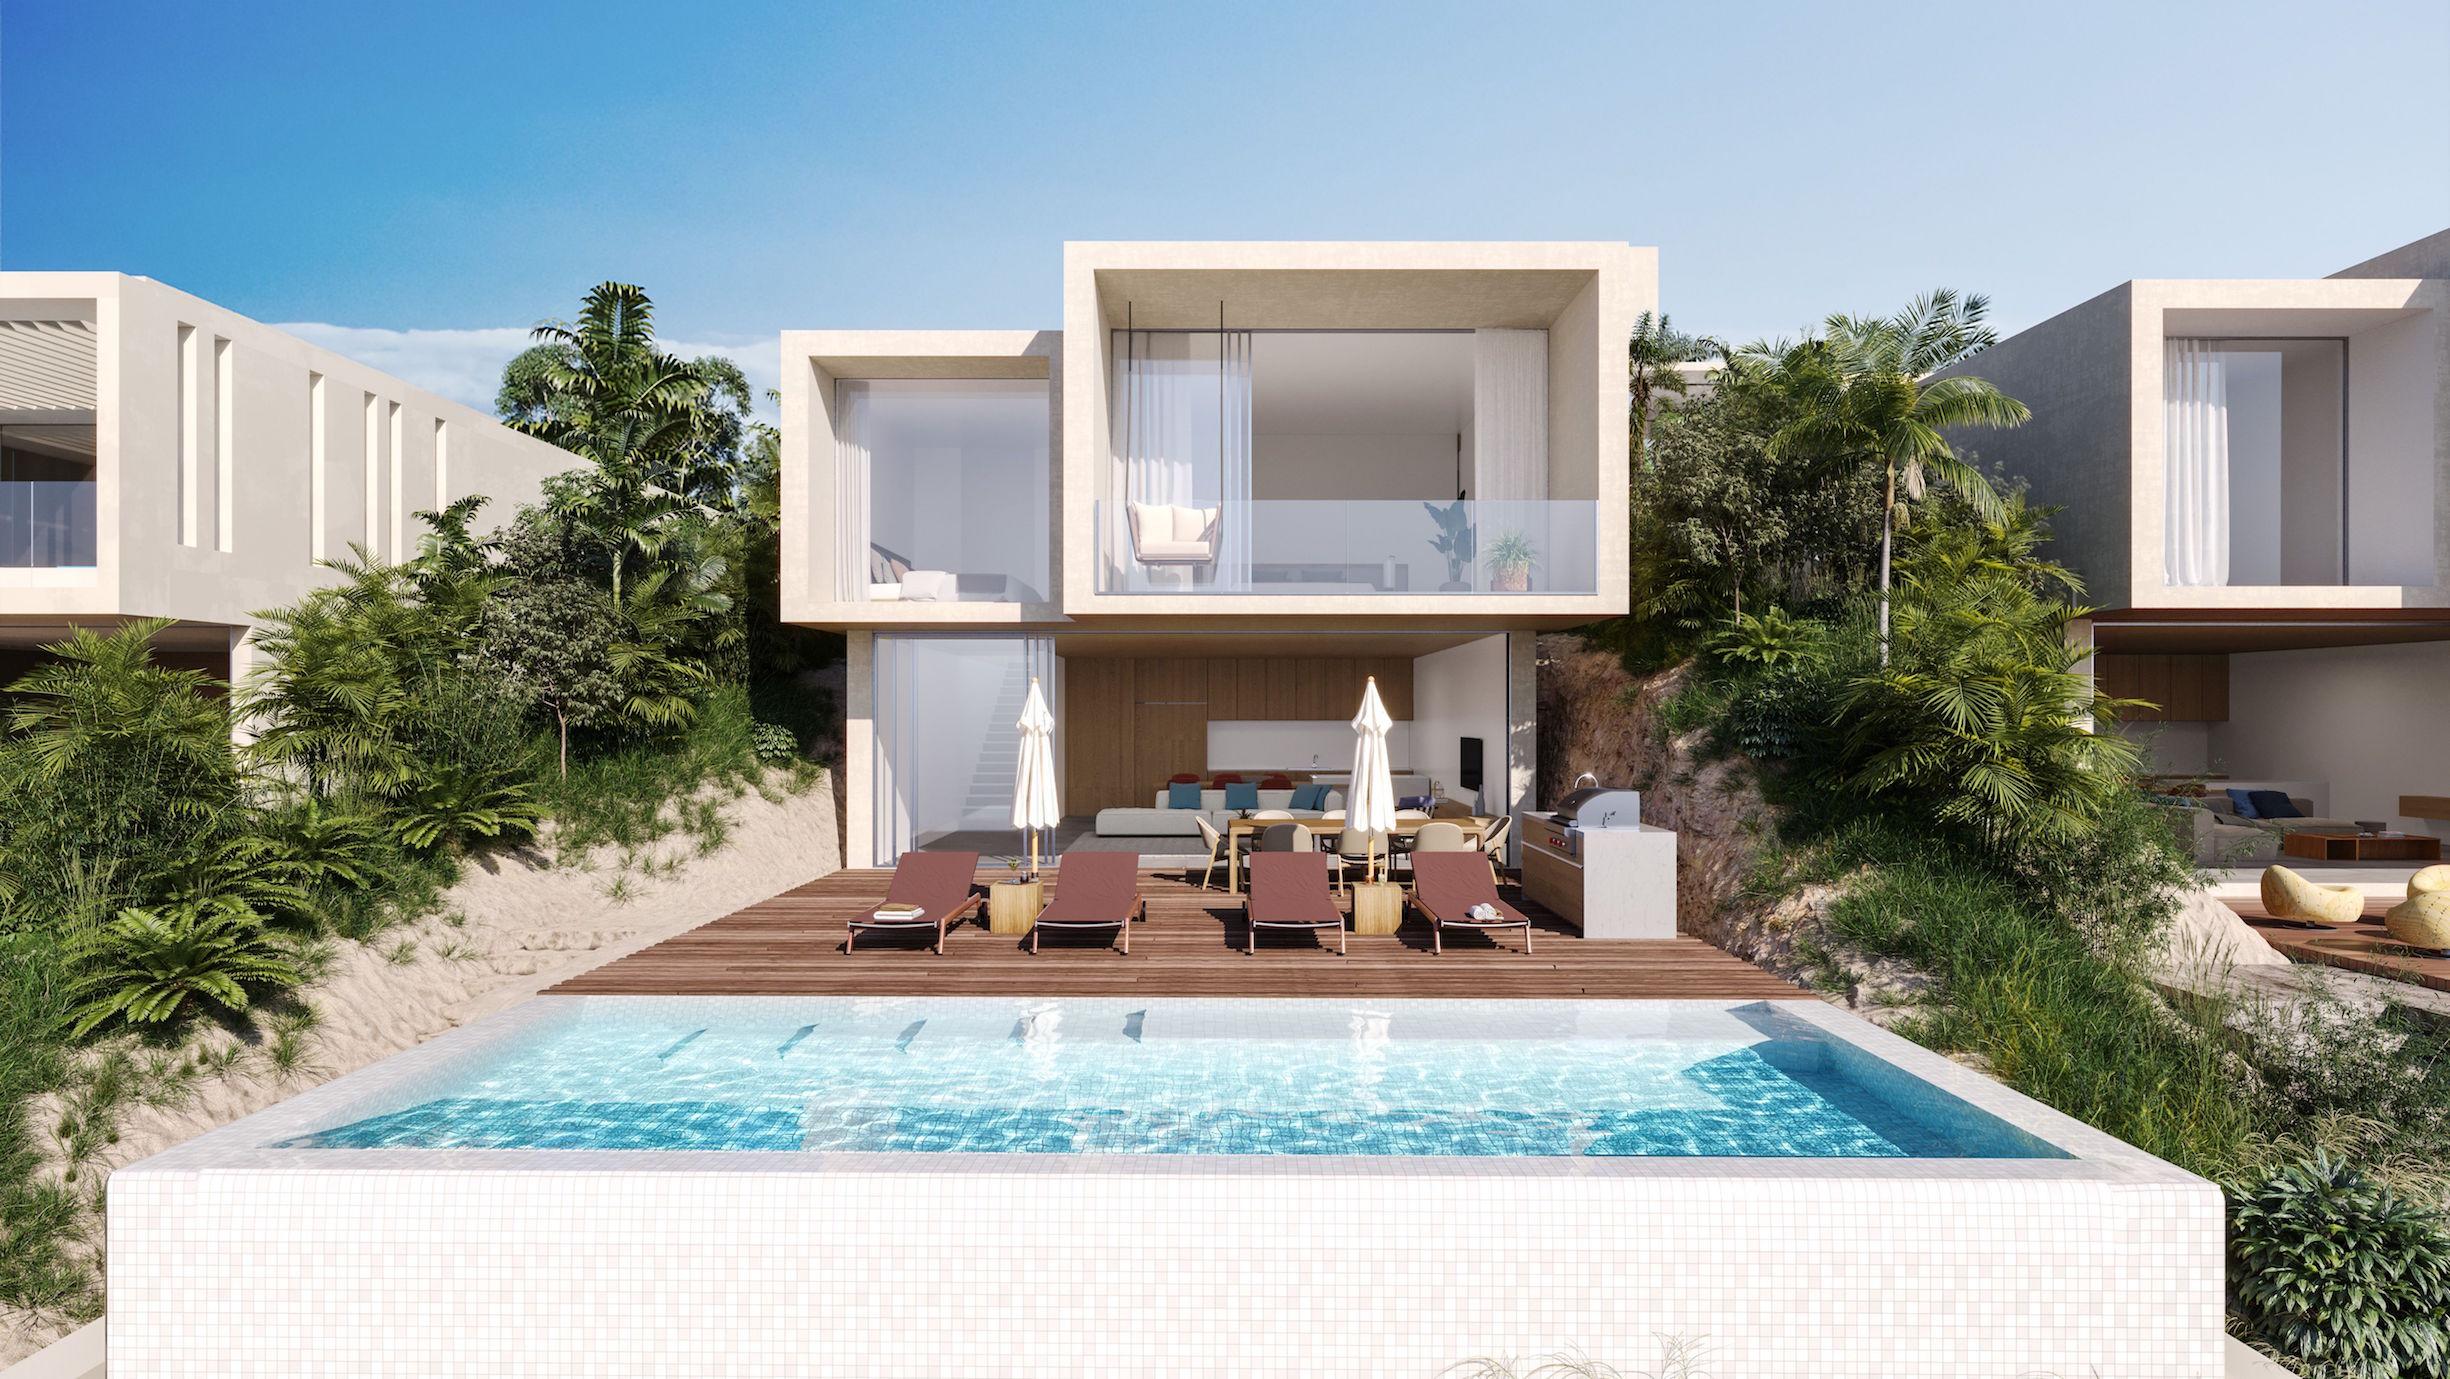 Enclave Turks & Caicos Mar2021 3